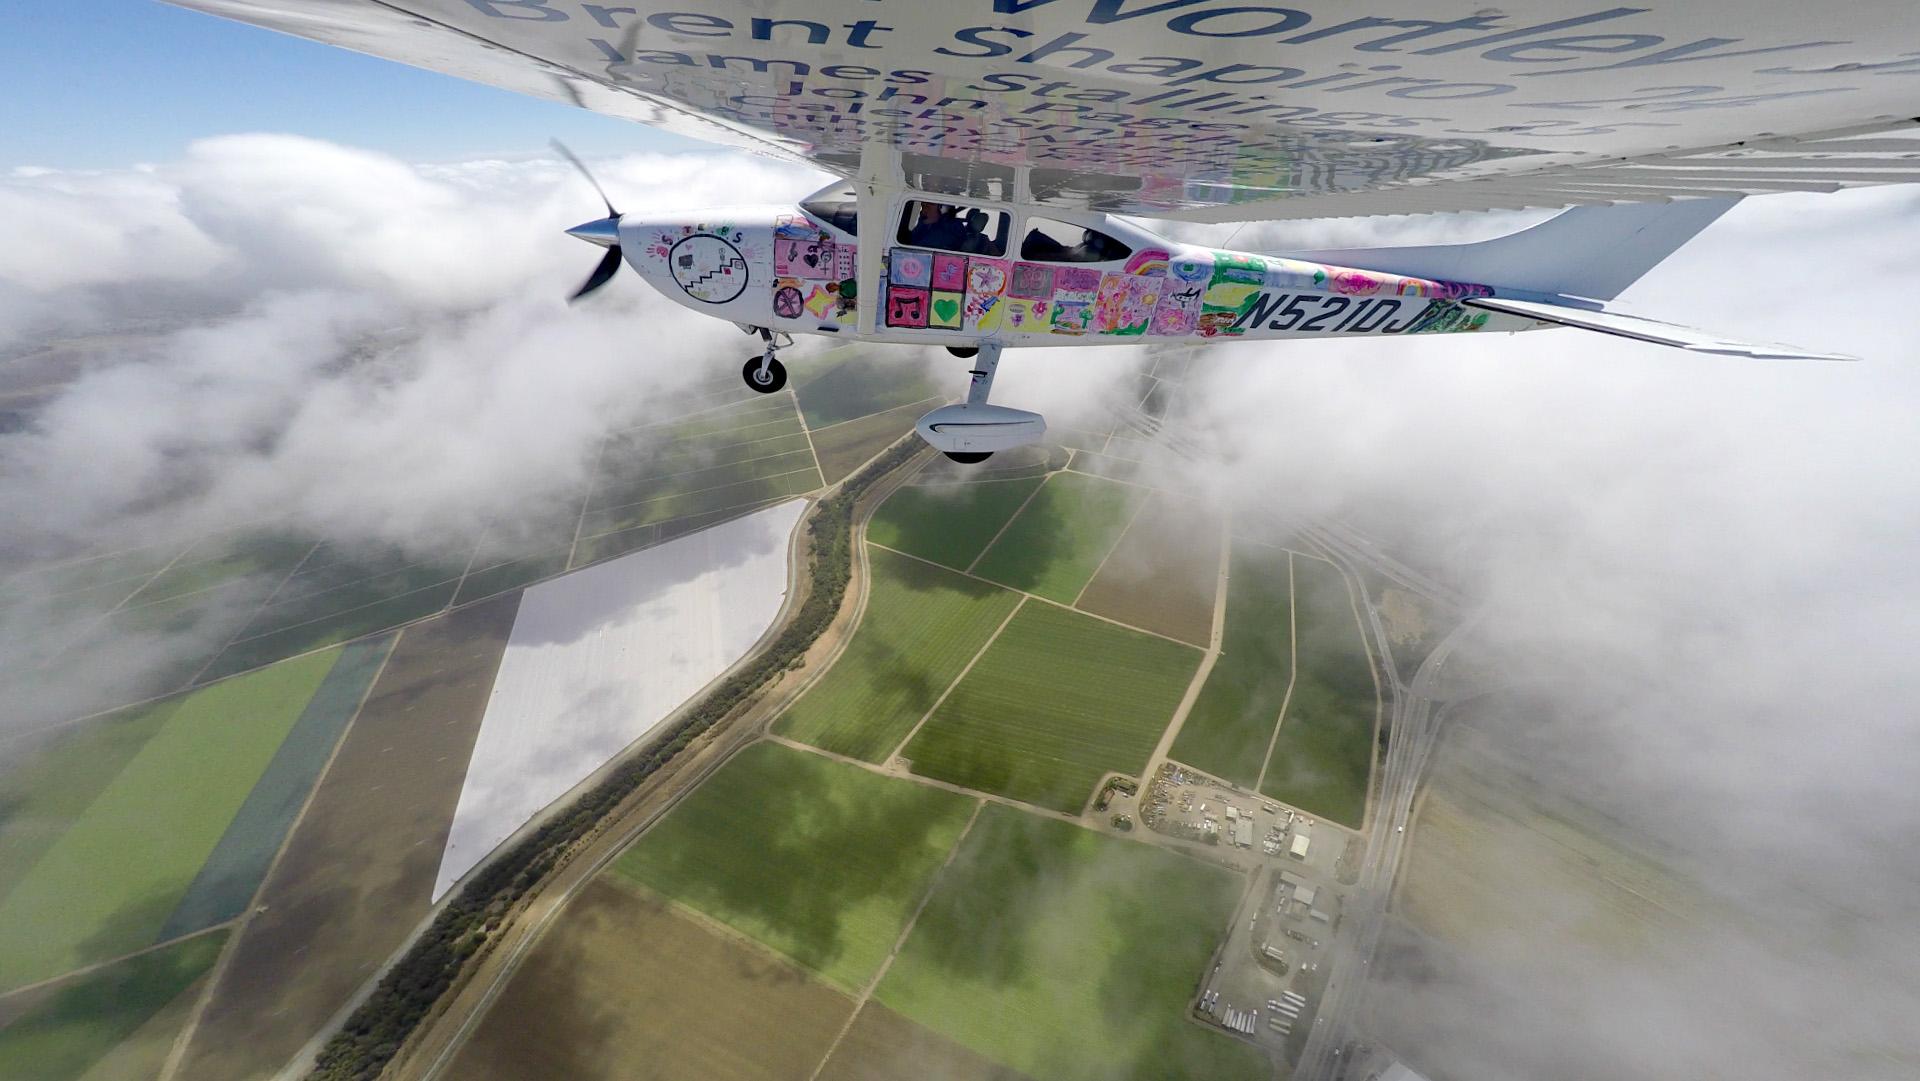 Flights Above Addiction in flight